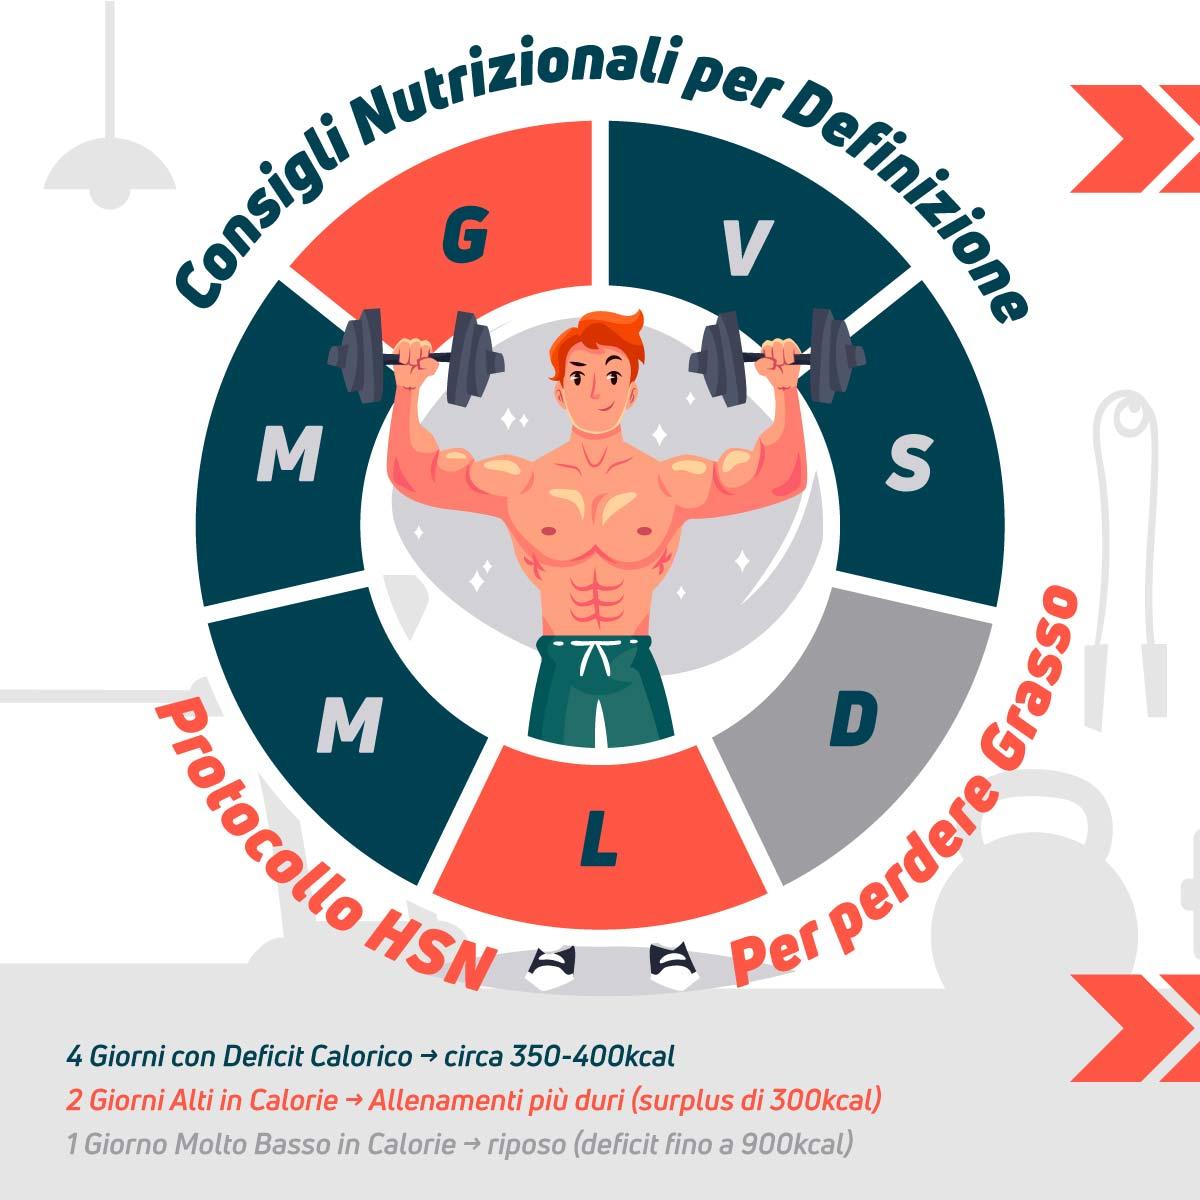 Consigli nutrizionali del protocollo HSN